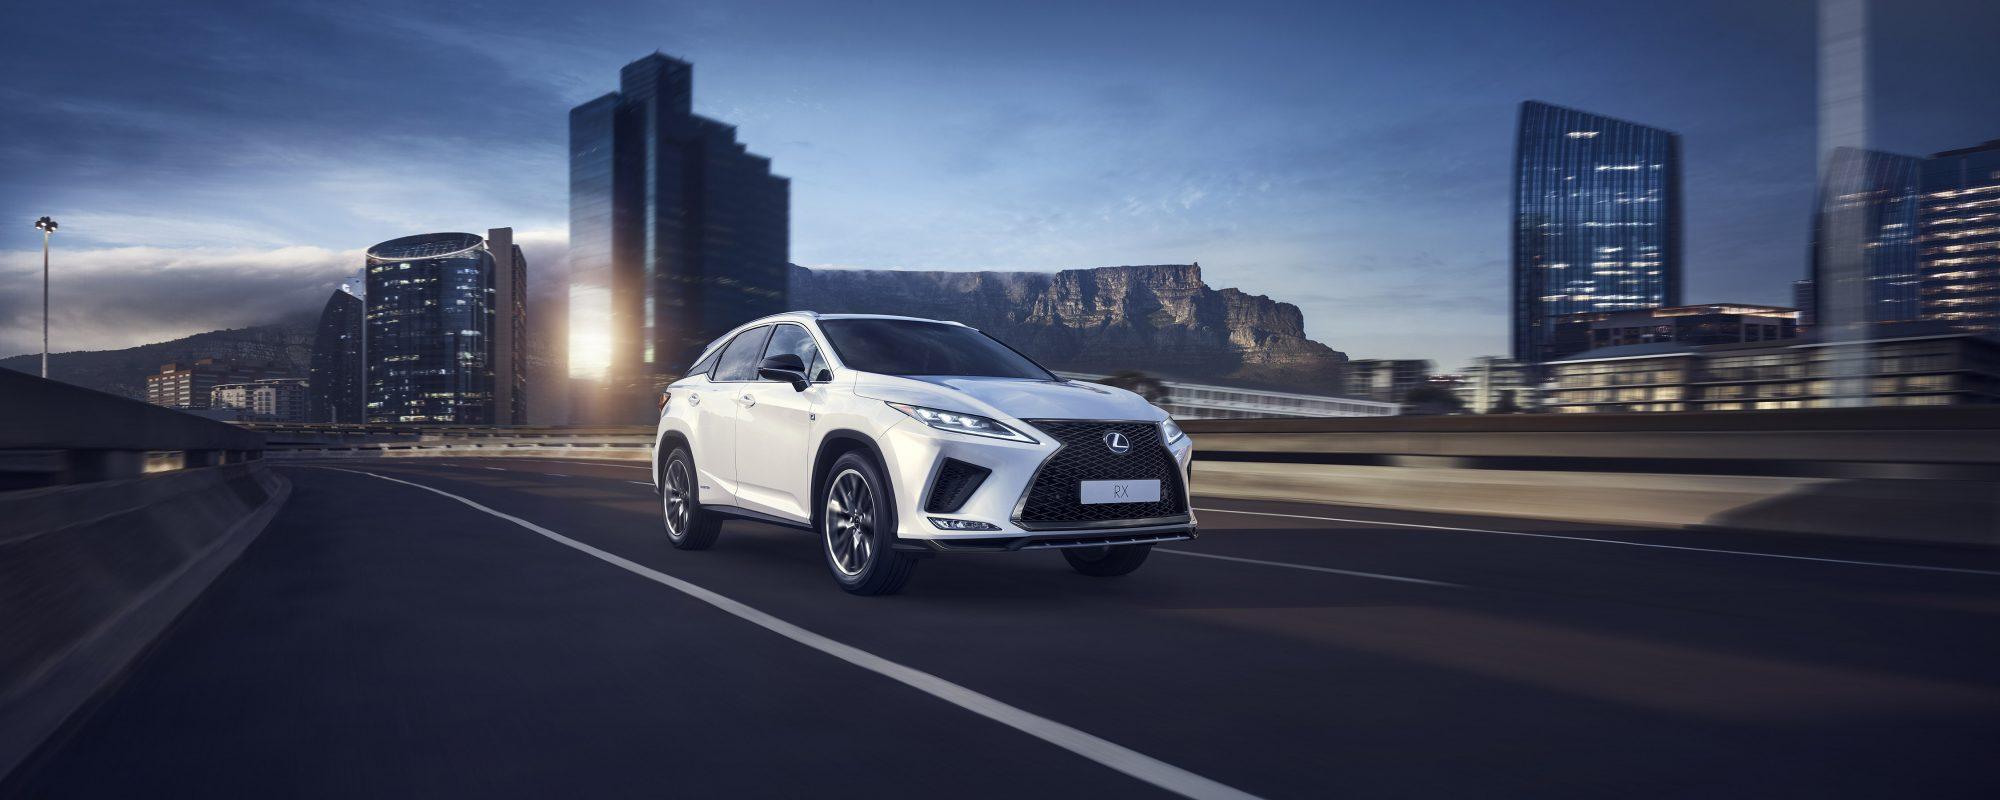 Vernieuwde Lexus RX: vanaf 76.995 euro